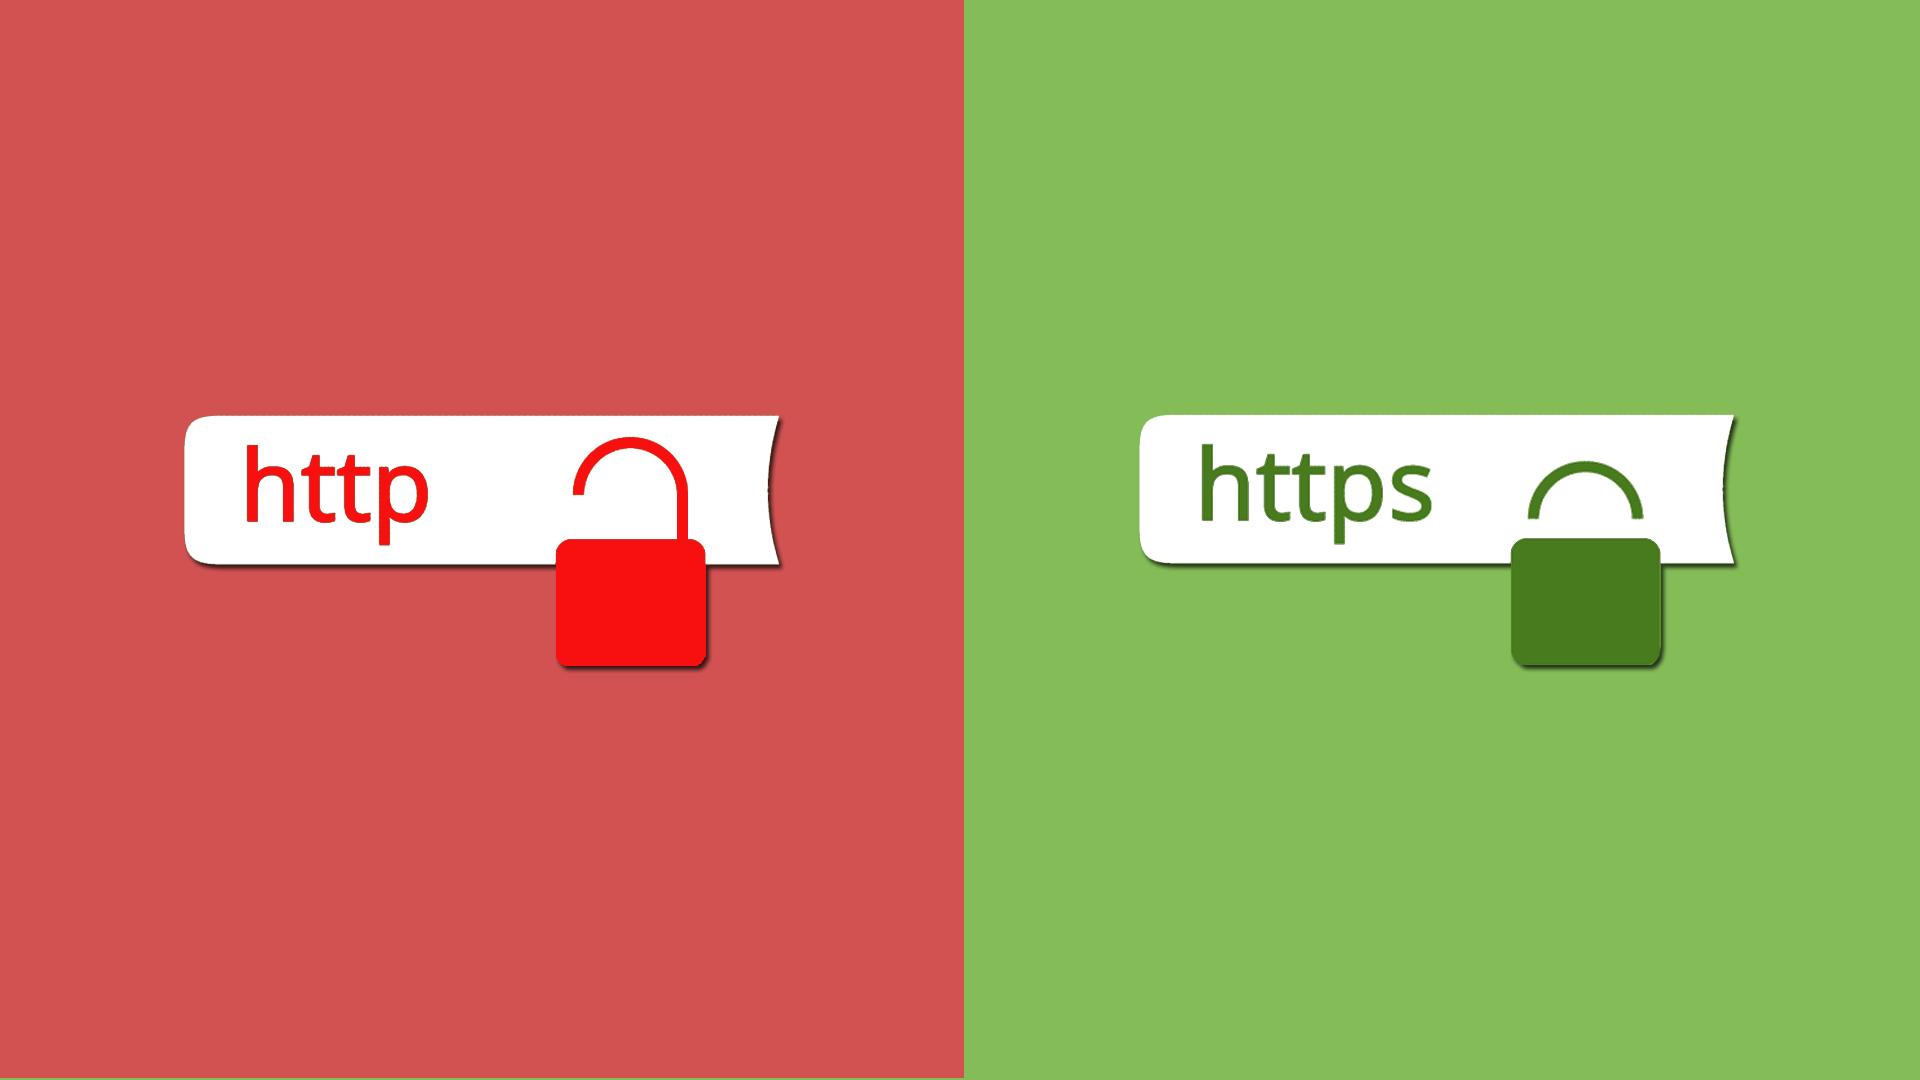 Firefox come Chrome: tutti i siti HTTP segnalati come non sicuri e avviso in caso di password rubata 1